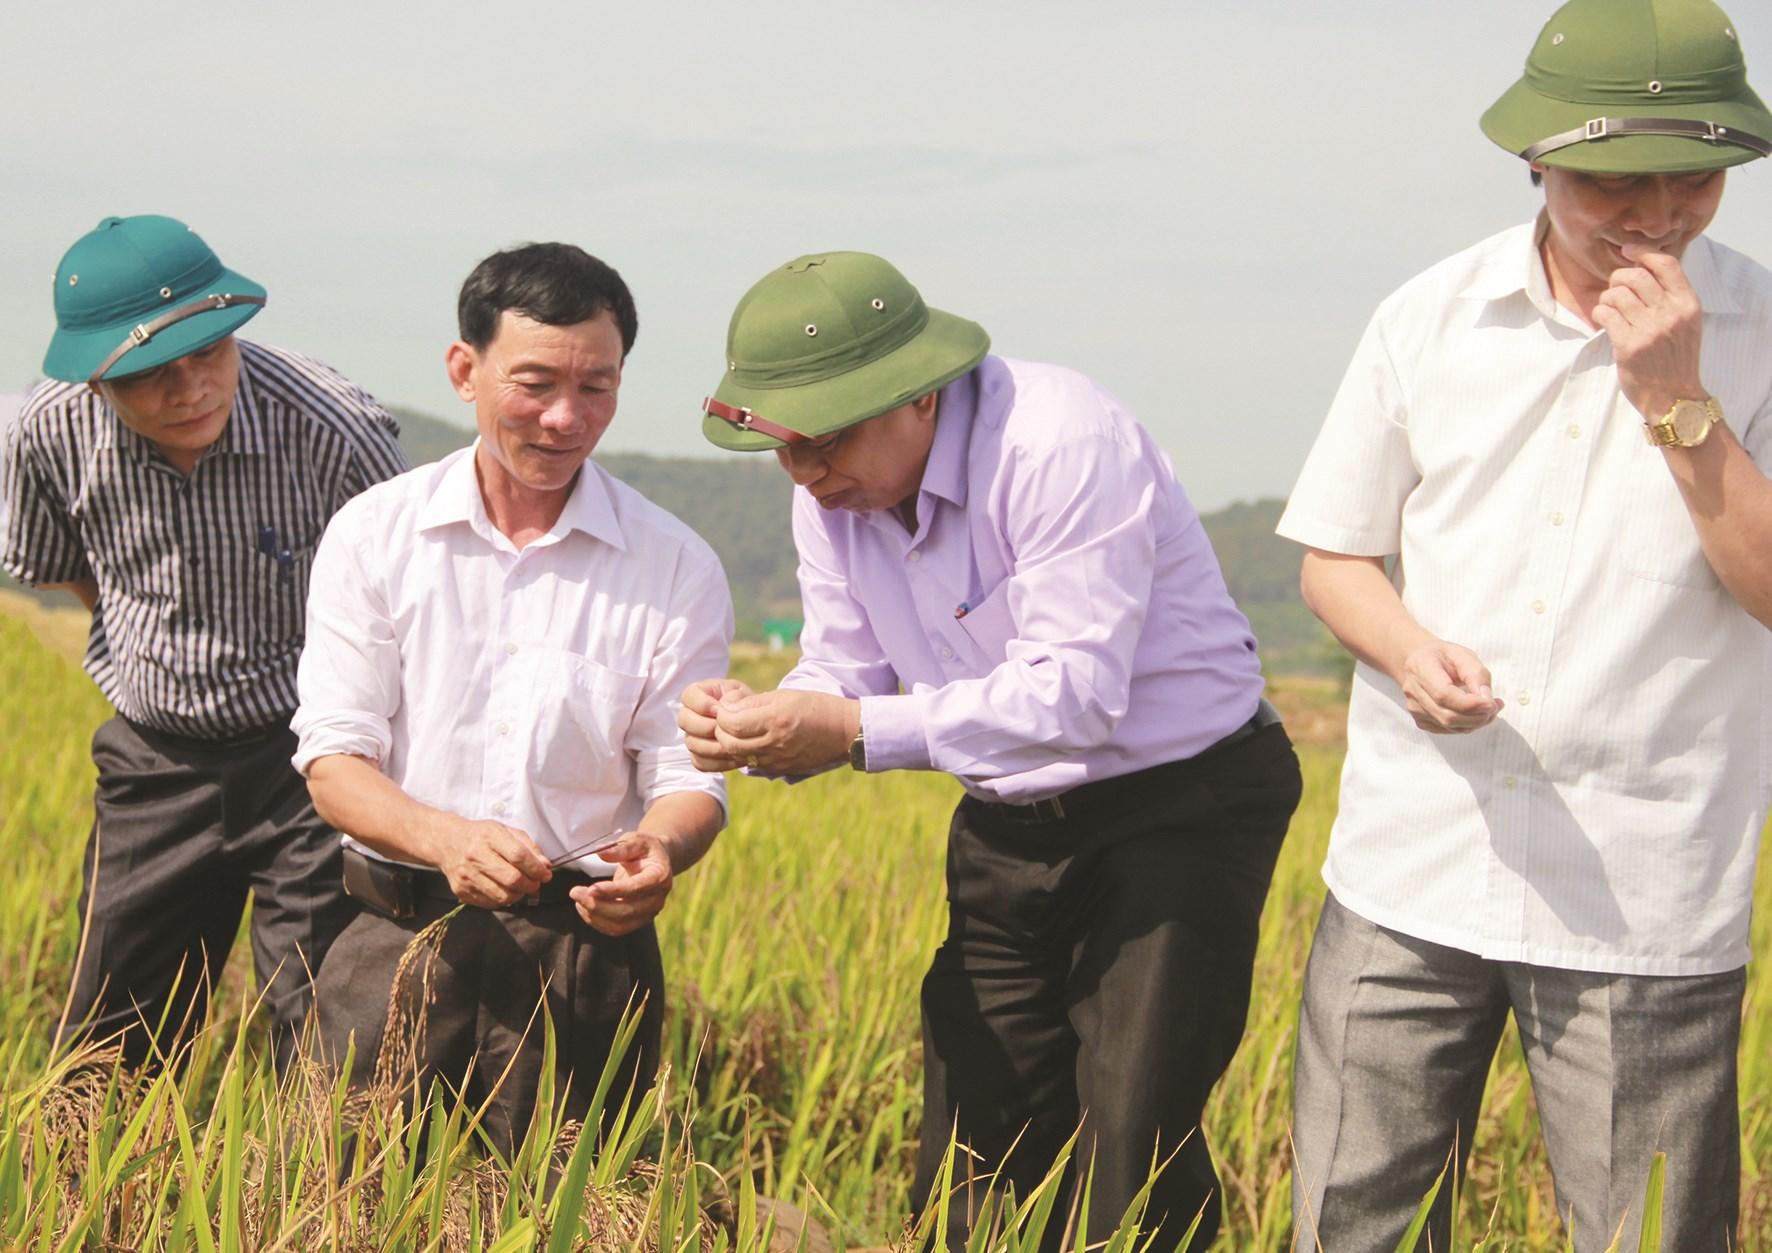 Lãnh đạo tỉnh Nghệ An kiểm tra cánh đồng lúa thảo dược (lúa tím) của Công ty TNHH Khoa học Công nghệ Vĩnh Hòa